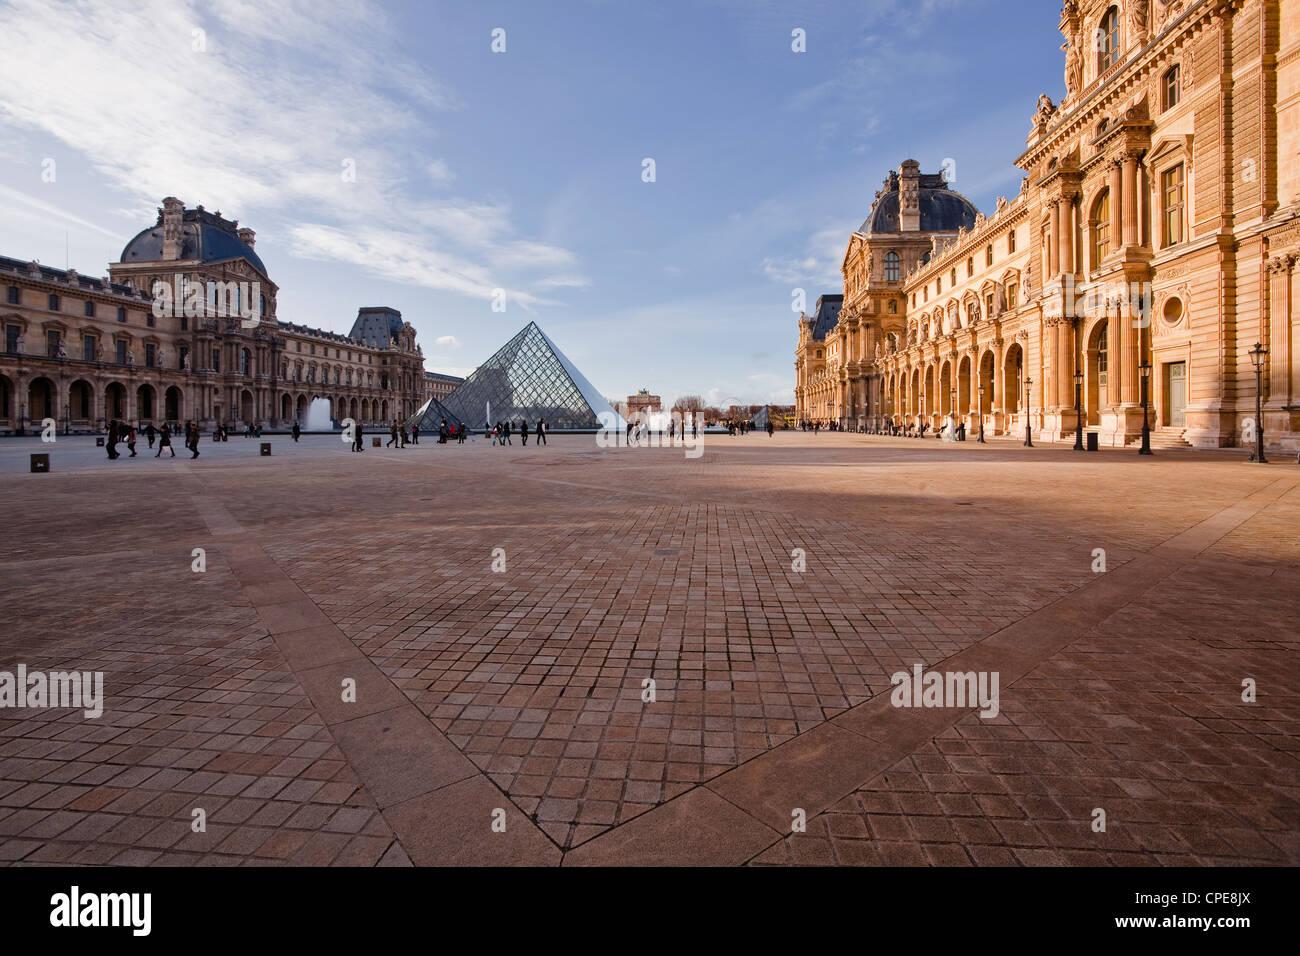 La pirámide en el Museo del Louvre, París, Francia, Europa Foto de stock